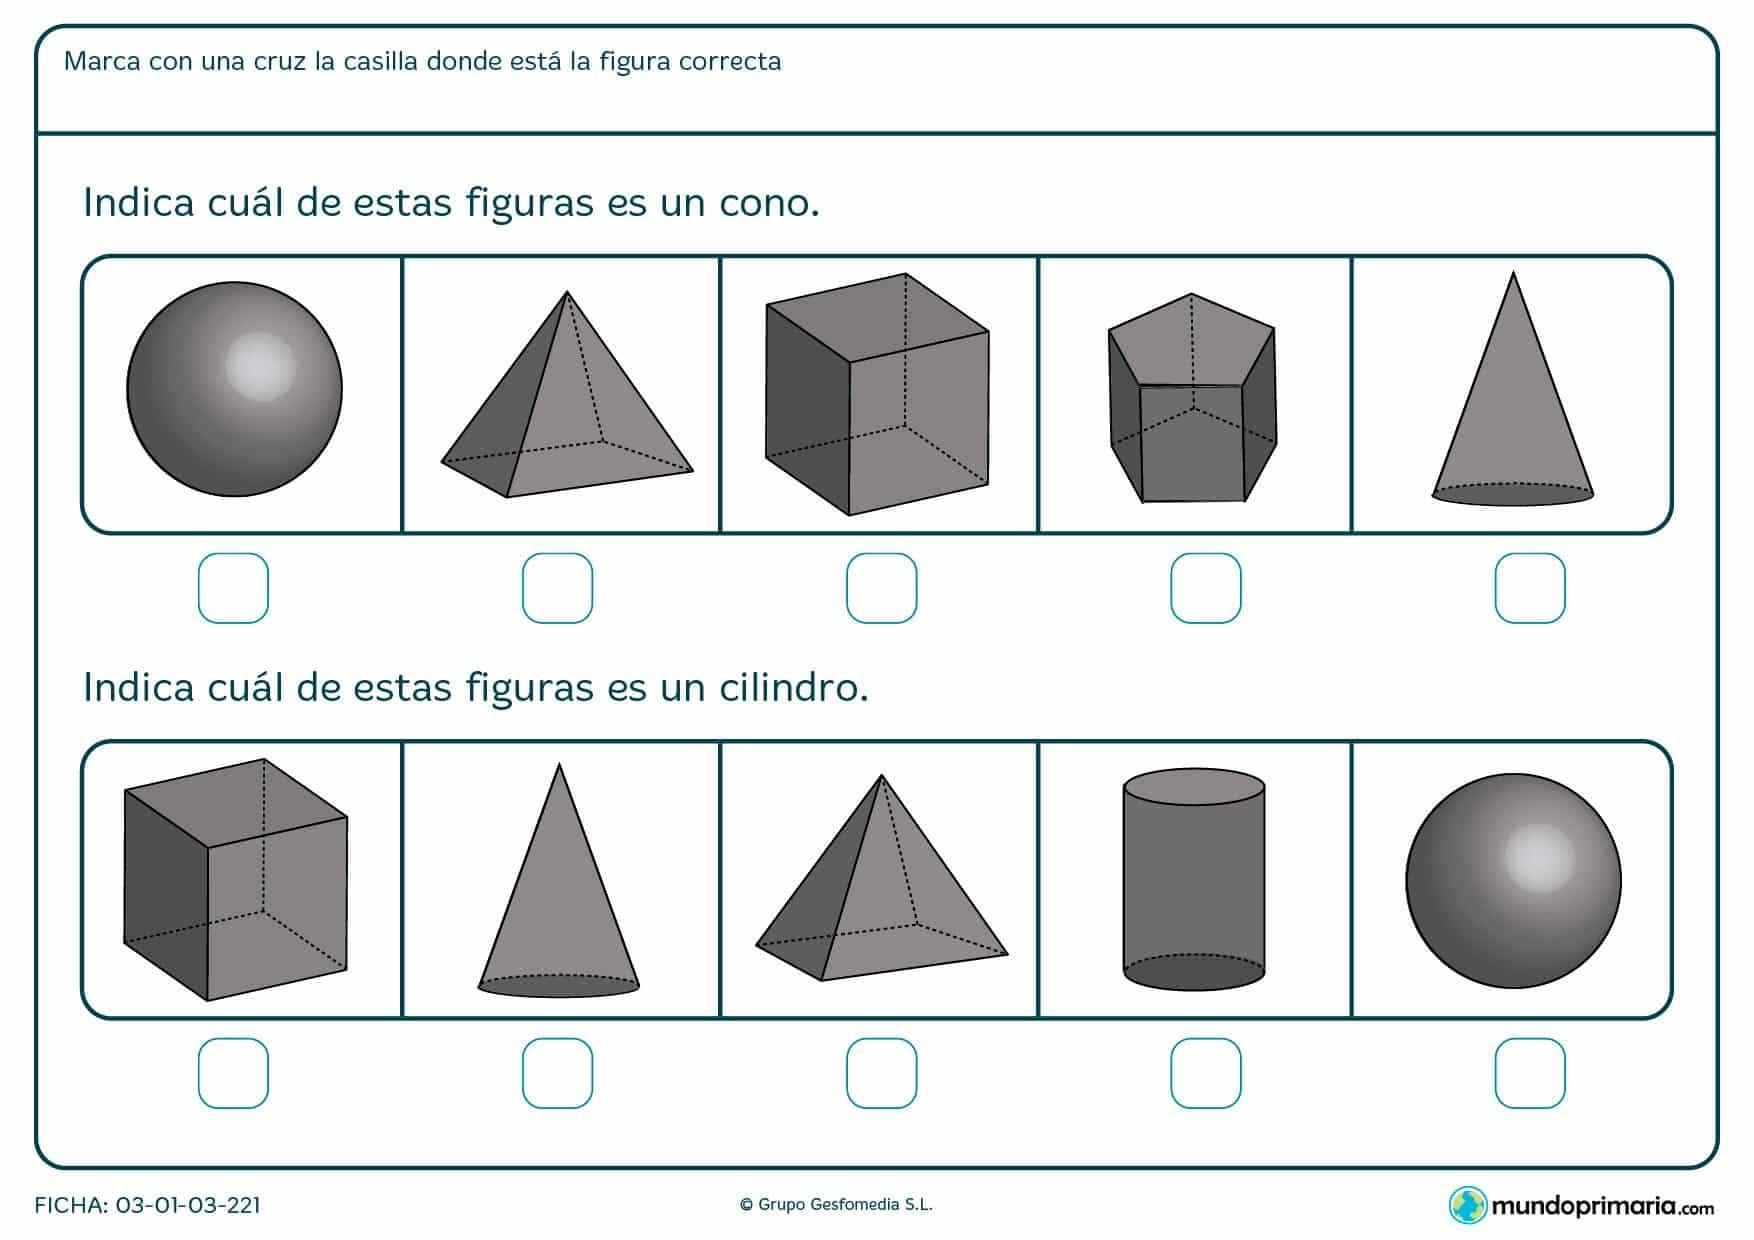 Ficha de indicar cuál es un cilindro en el que hay que marcar la casilla en la que se encuentra la figura correspondiente.